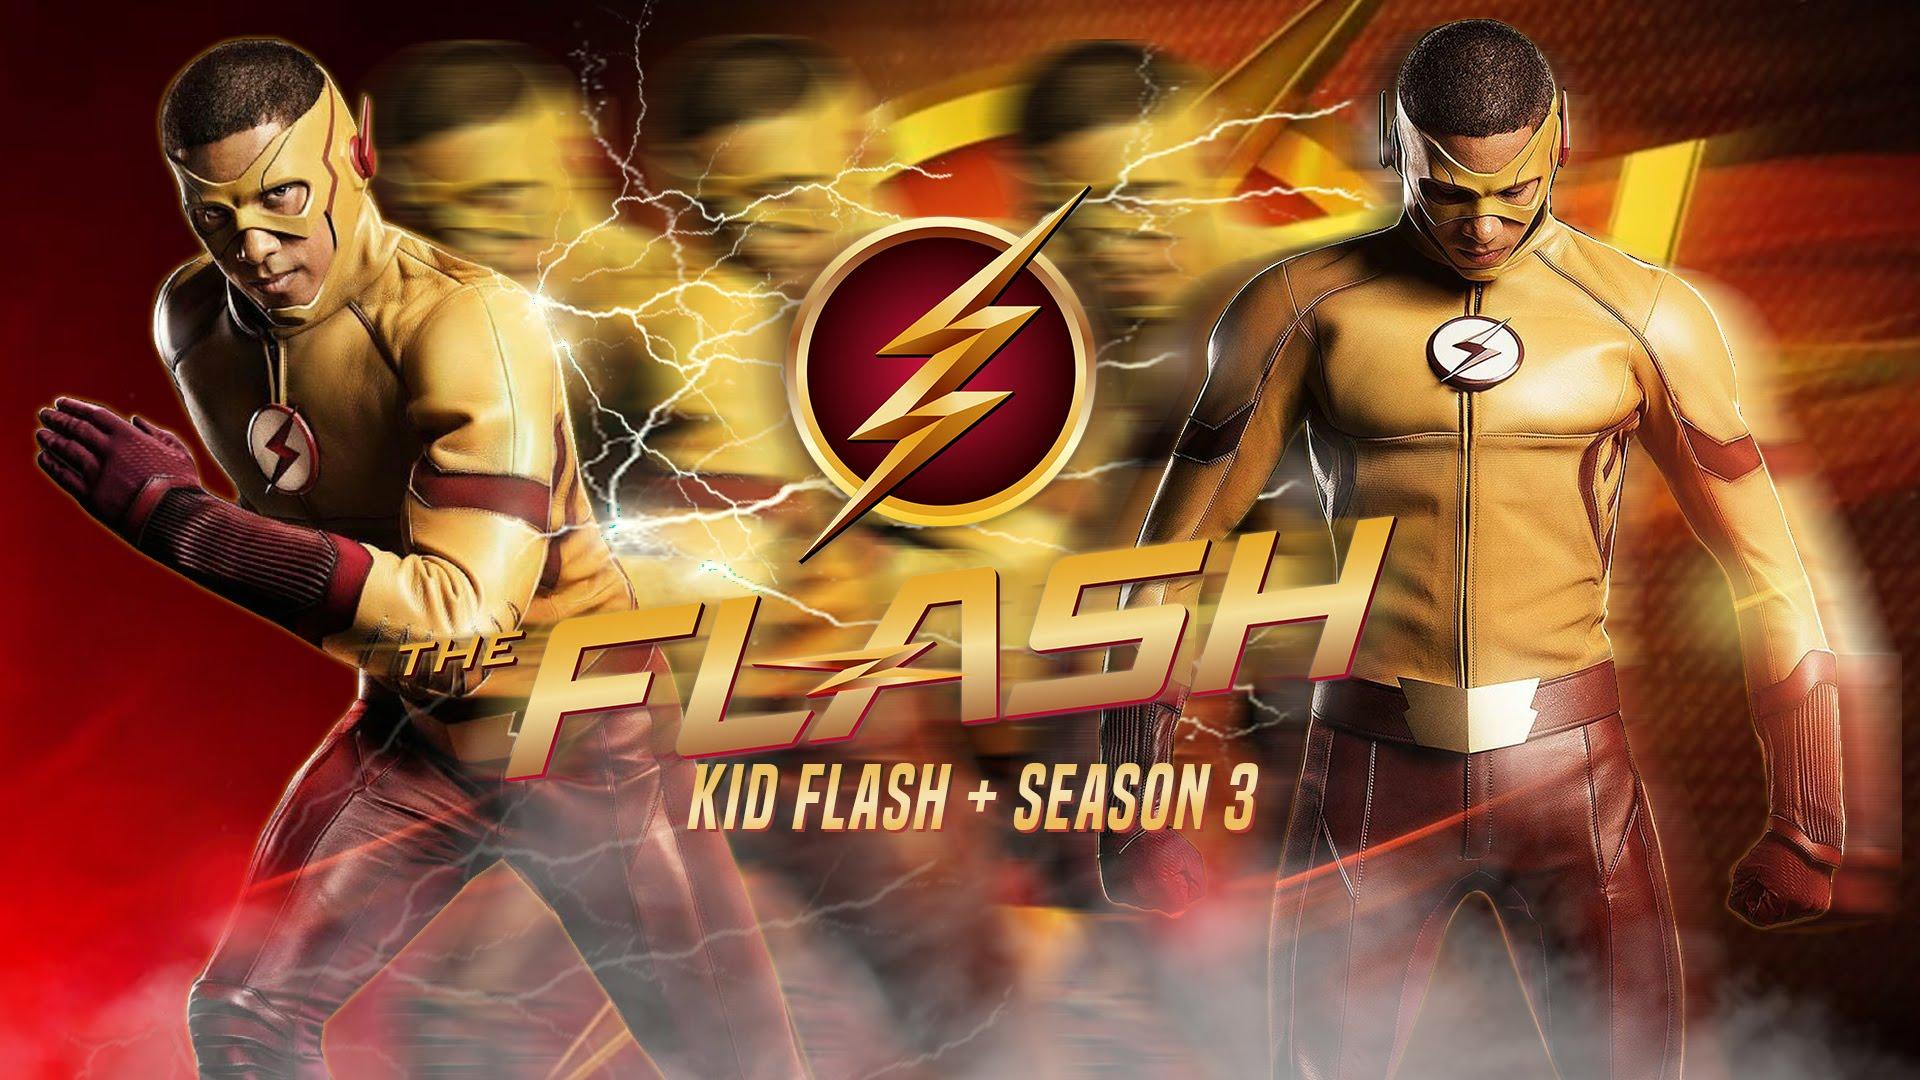 flash_kid_flash_olivec_season_3.jpg (336.13 Kb)